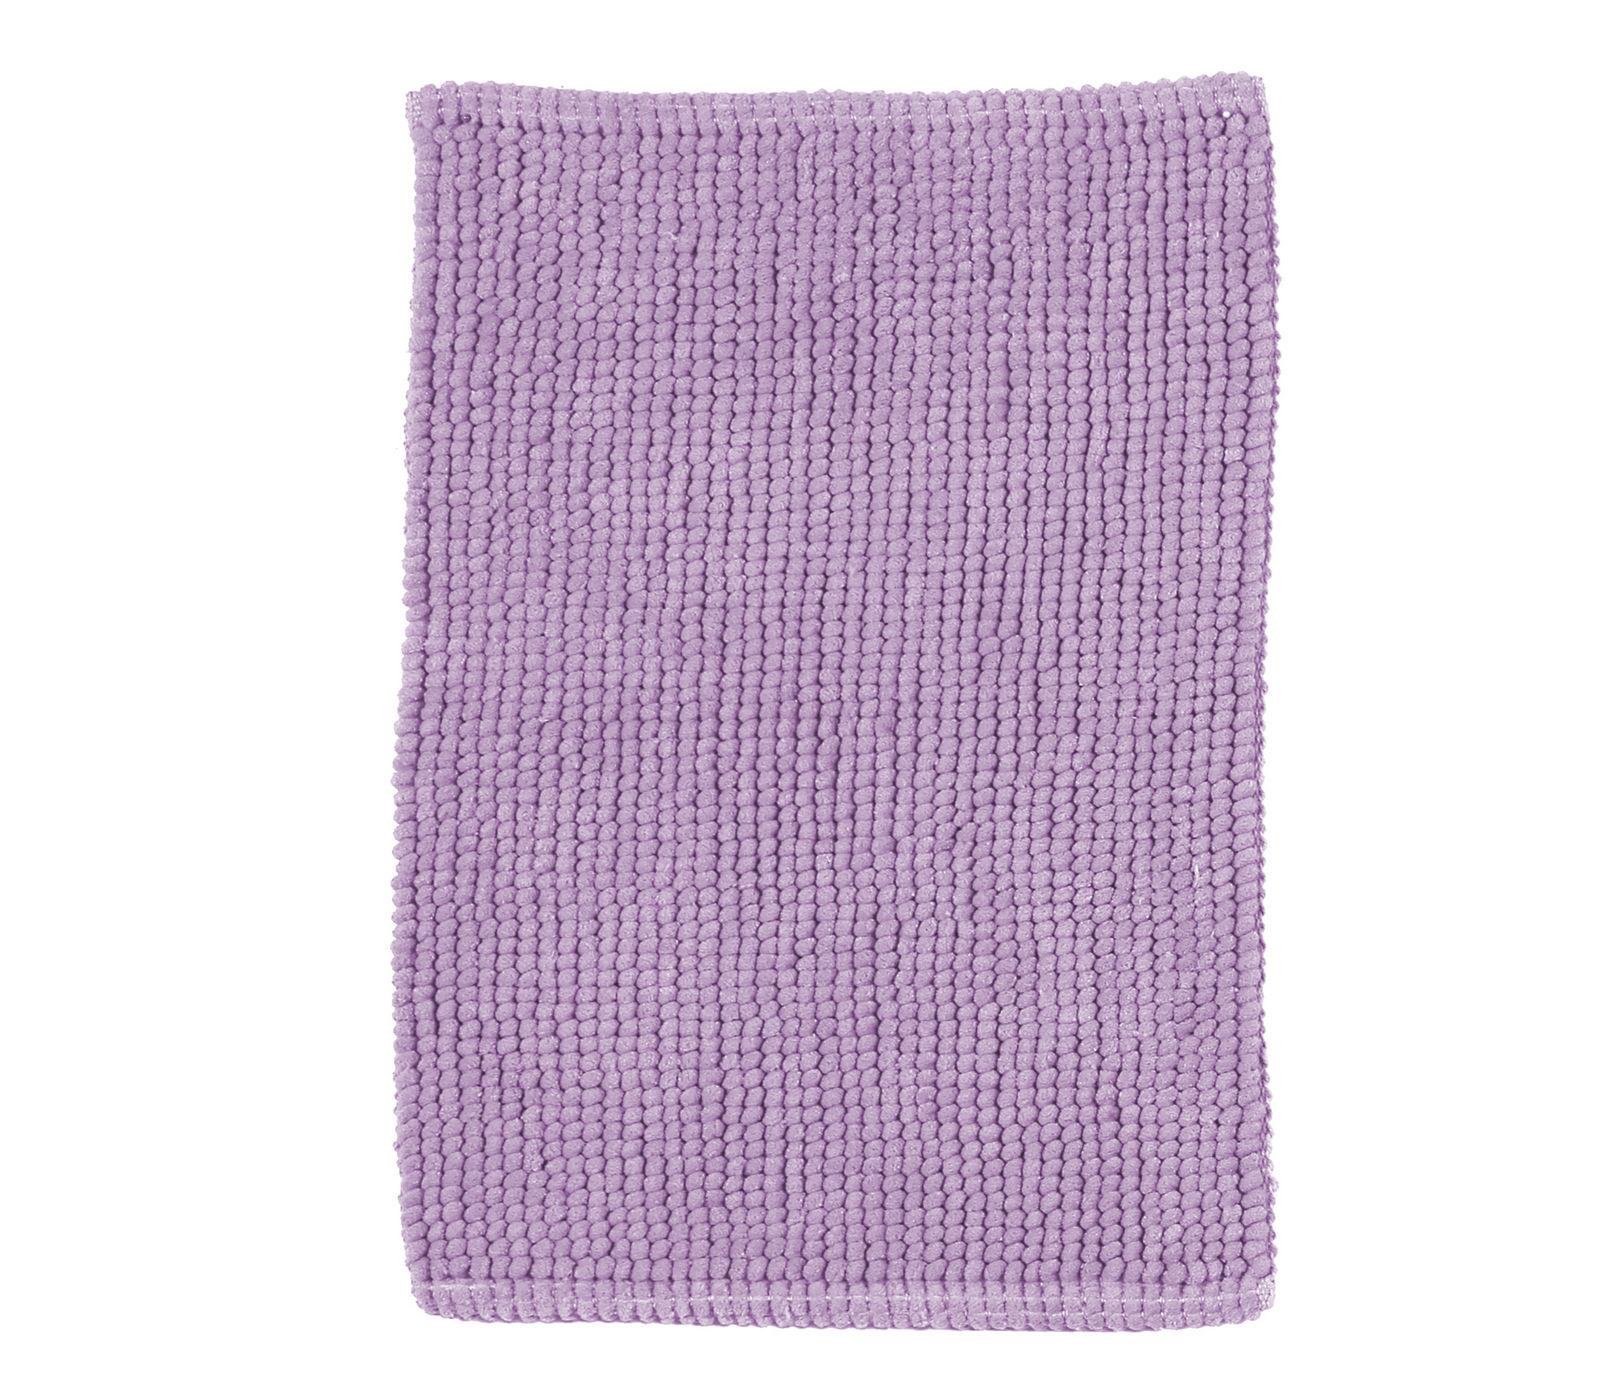 Πατάκι Μπάνιου 40×60 Nef Nef Status-19 591-Lilac